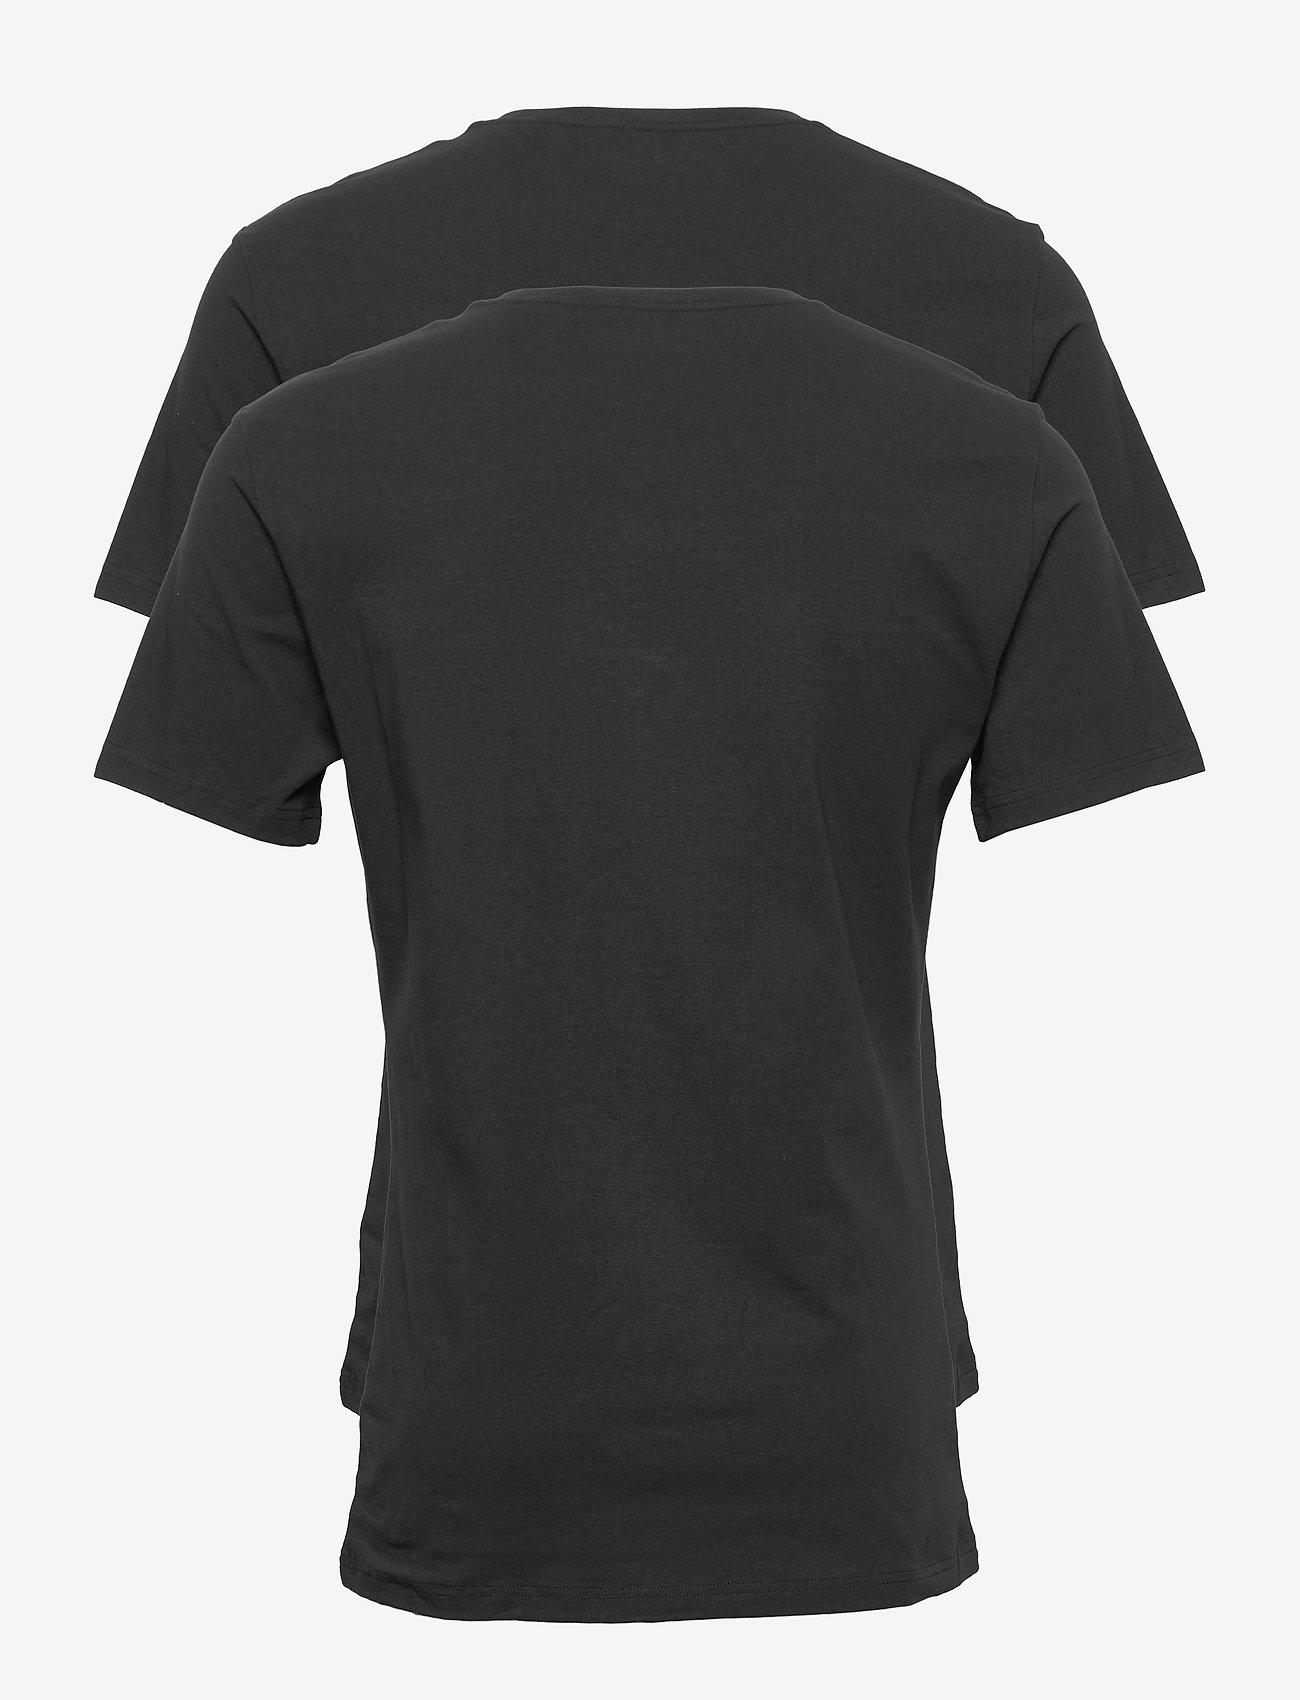 Bread & Boxers 2-Pack Crew Neck - T-skjorter BLACK - Menn Klær